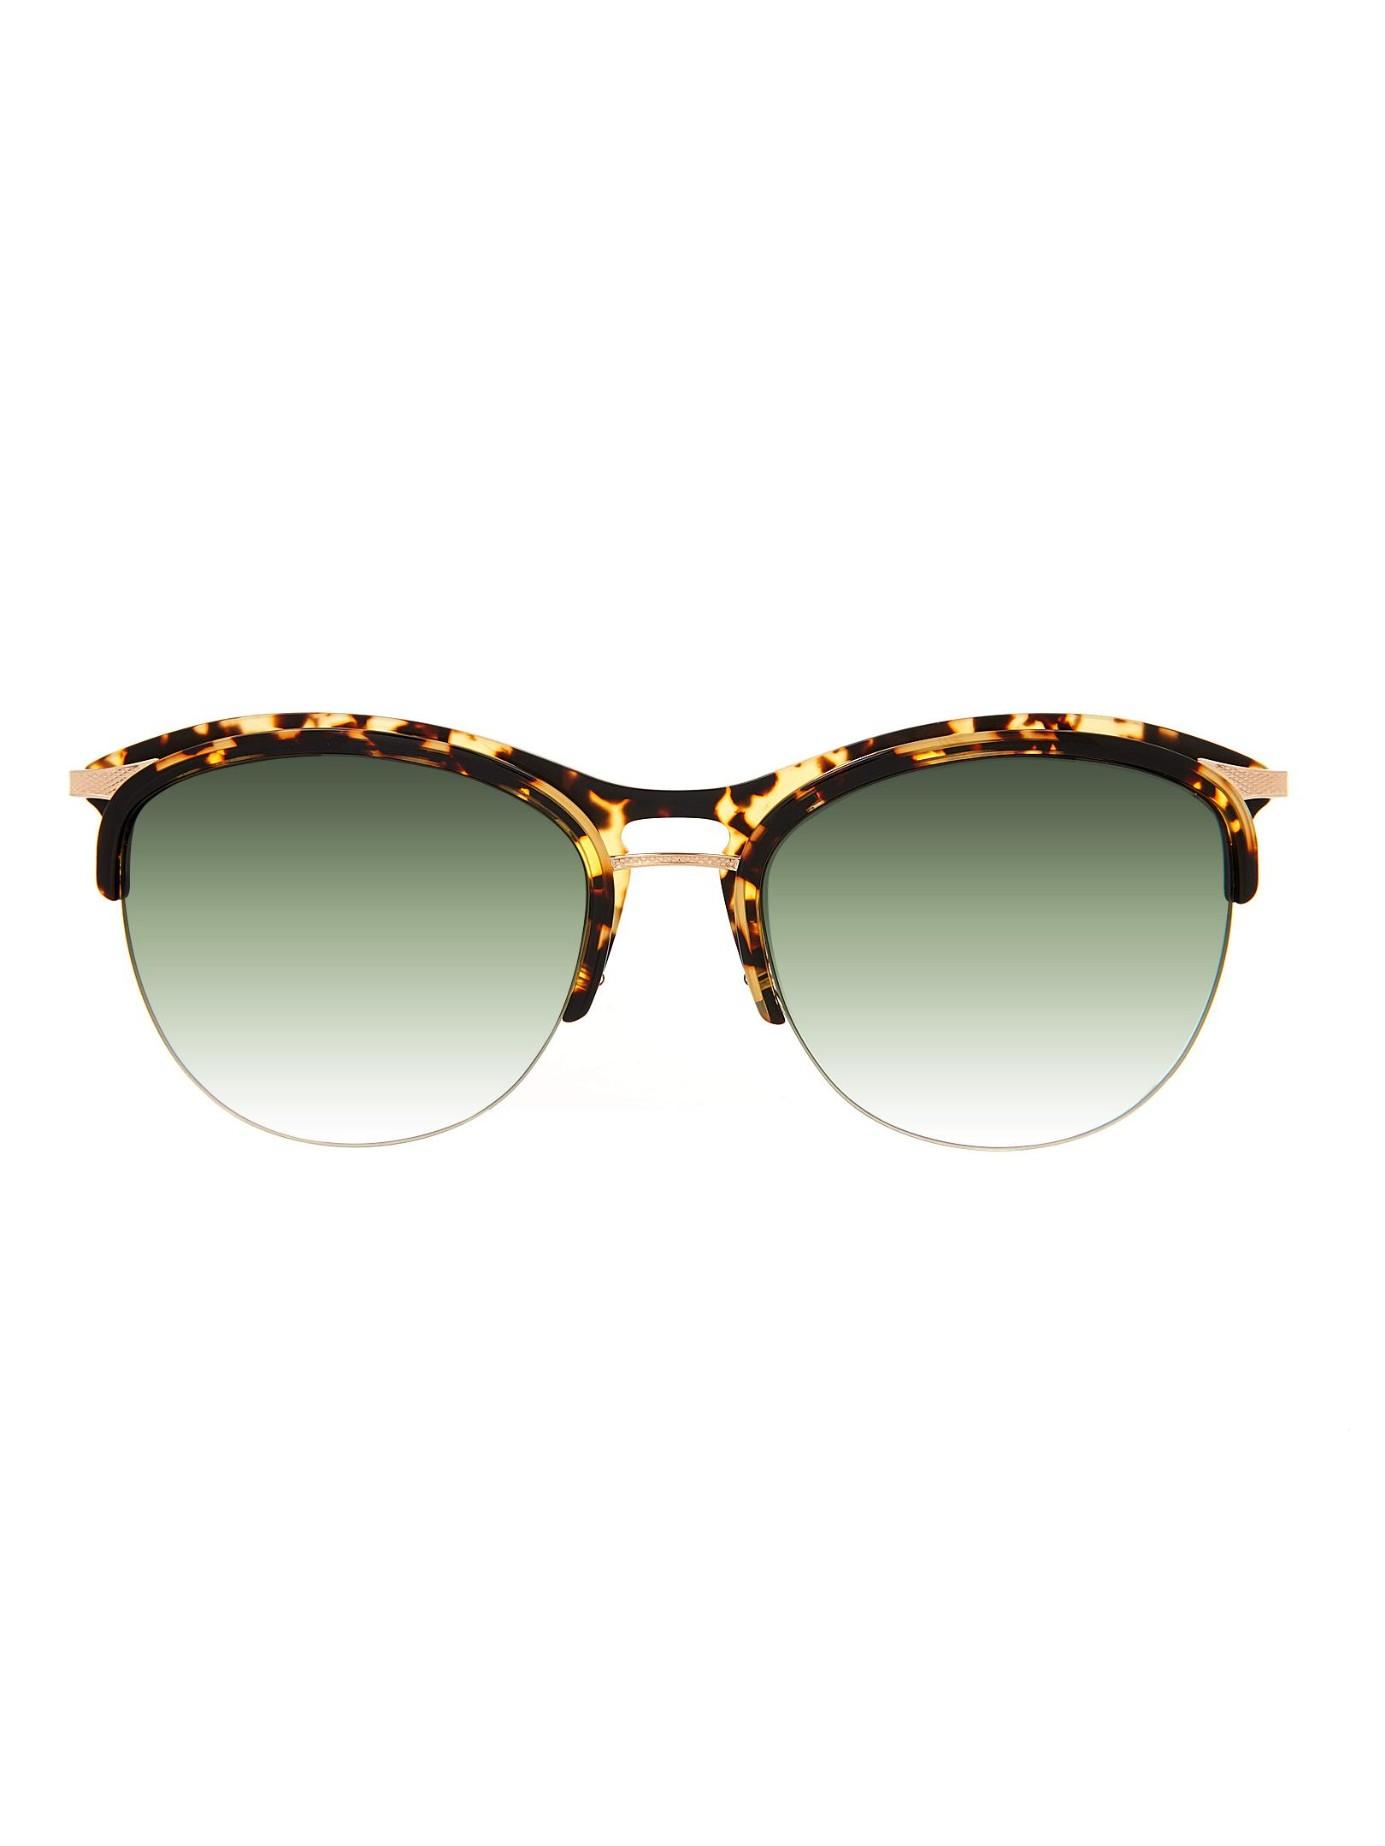 Seraphina Half Multicolor Frame Sunglasses Perreira Barton vwn08mN